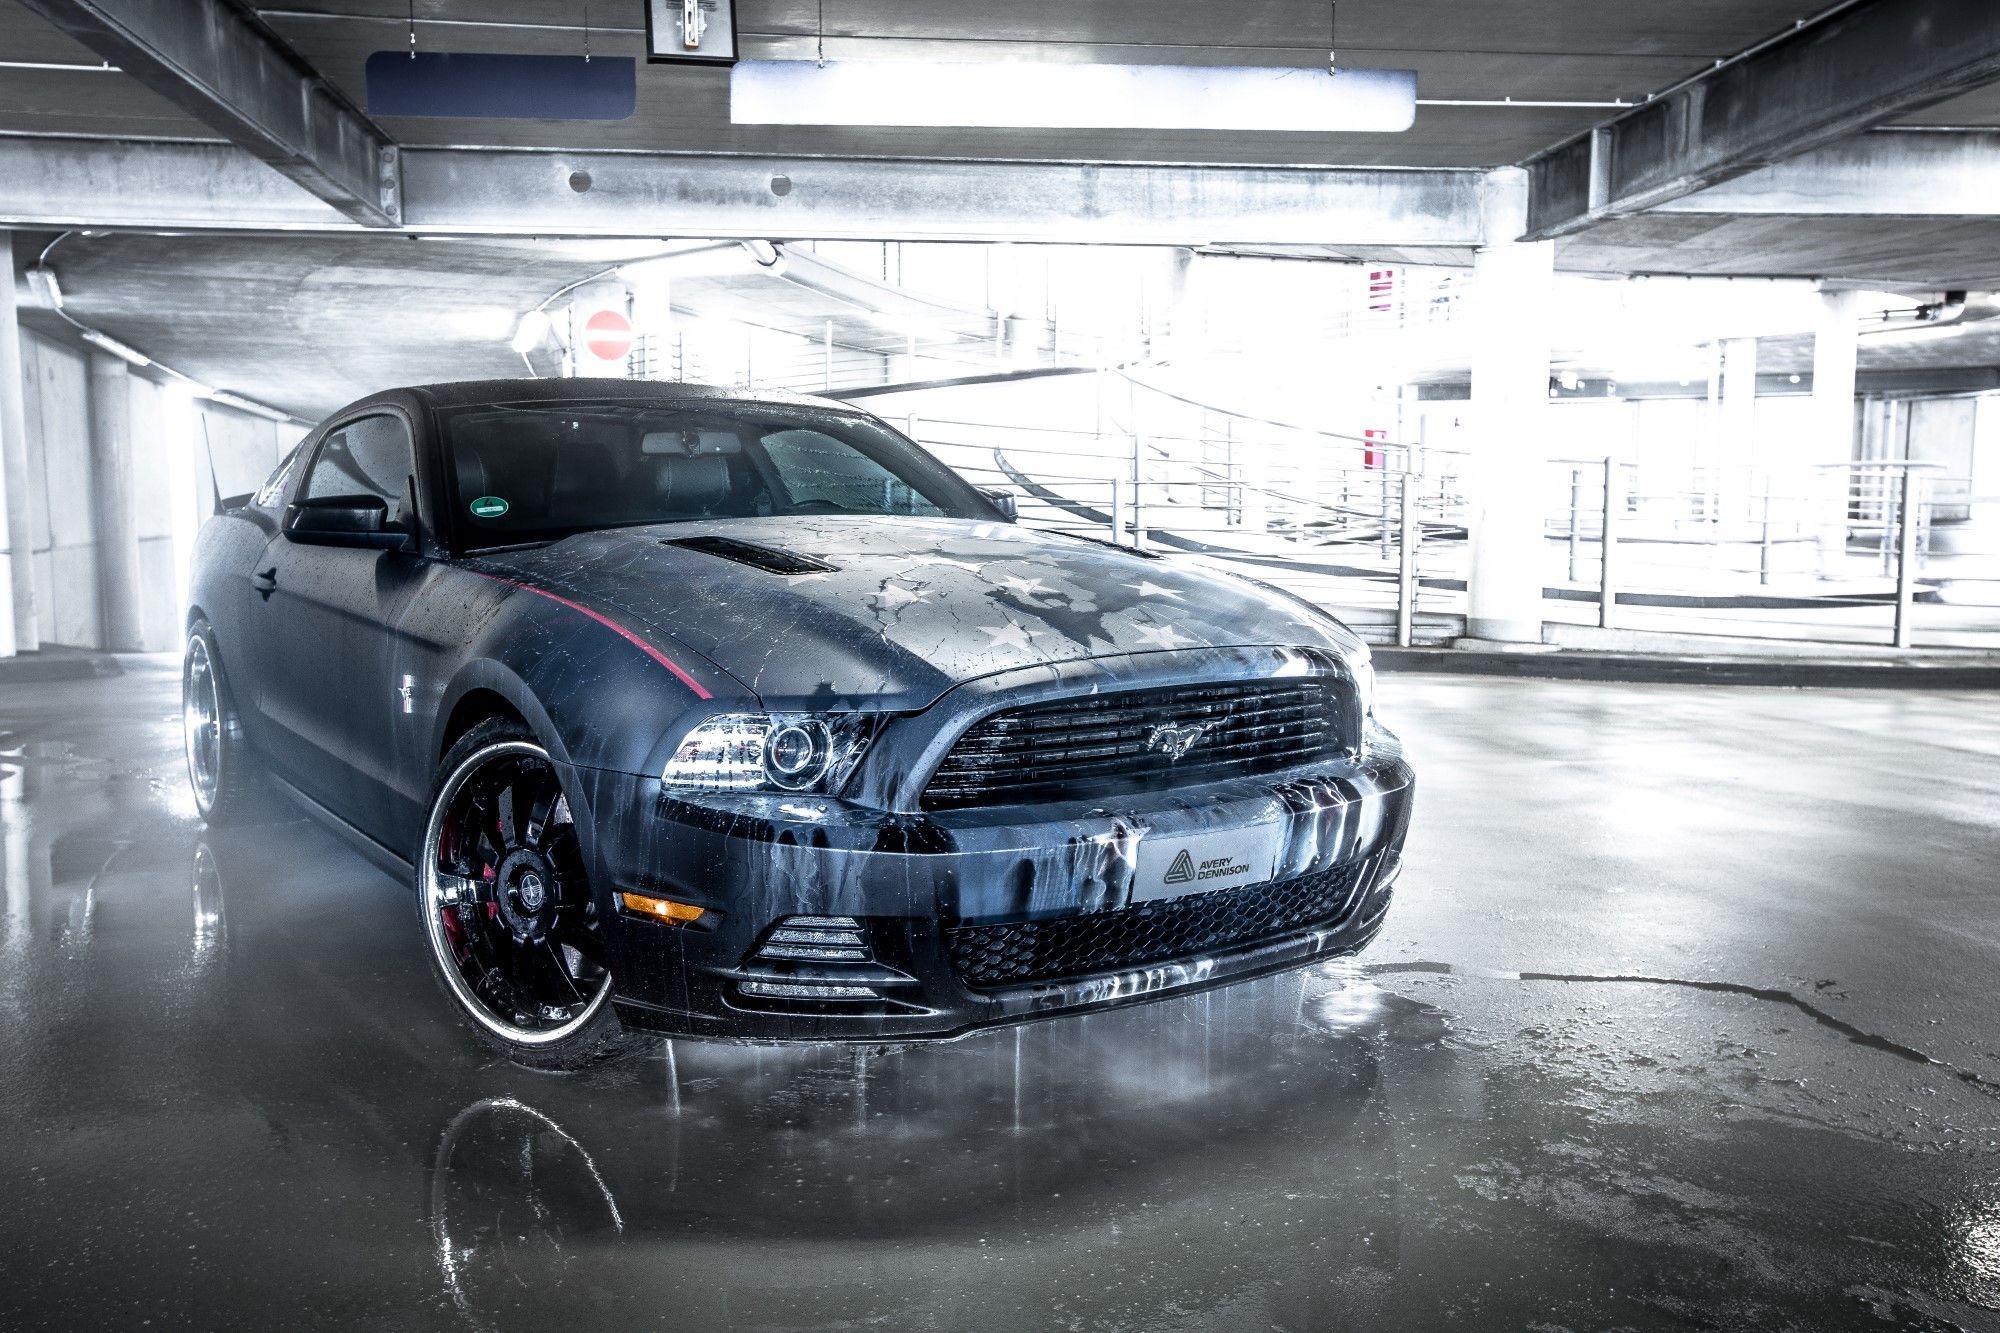 Erst wenn er richtig warm wird, zeigt dieser Mustang sein wahres Gesicht!  http://www.autotuning.de/erst-wenn-er-richtig-warm-wird-zeigt-dieser-mustang-sein-wahres-gesicht/ Ford Mustang, Ford Mustang GT, Ford Mustang Hidalgo, Ford Tuning News, Hidalgo, Mustang, Mustang GT, Mustang Hidalgo, Rene Turrek, Rene Turrek Hidalgo, Rene Turrek Mustang